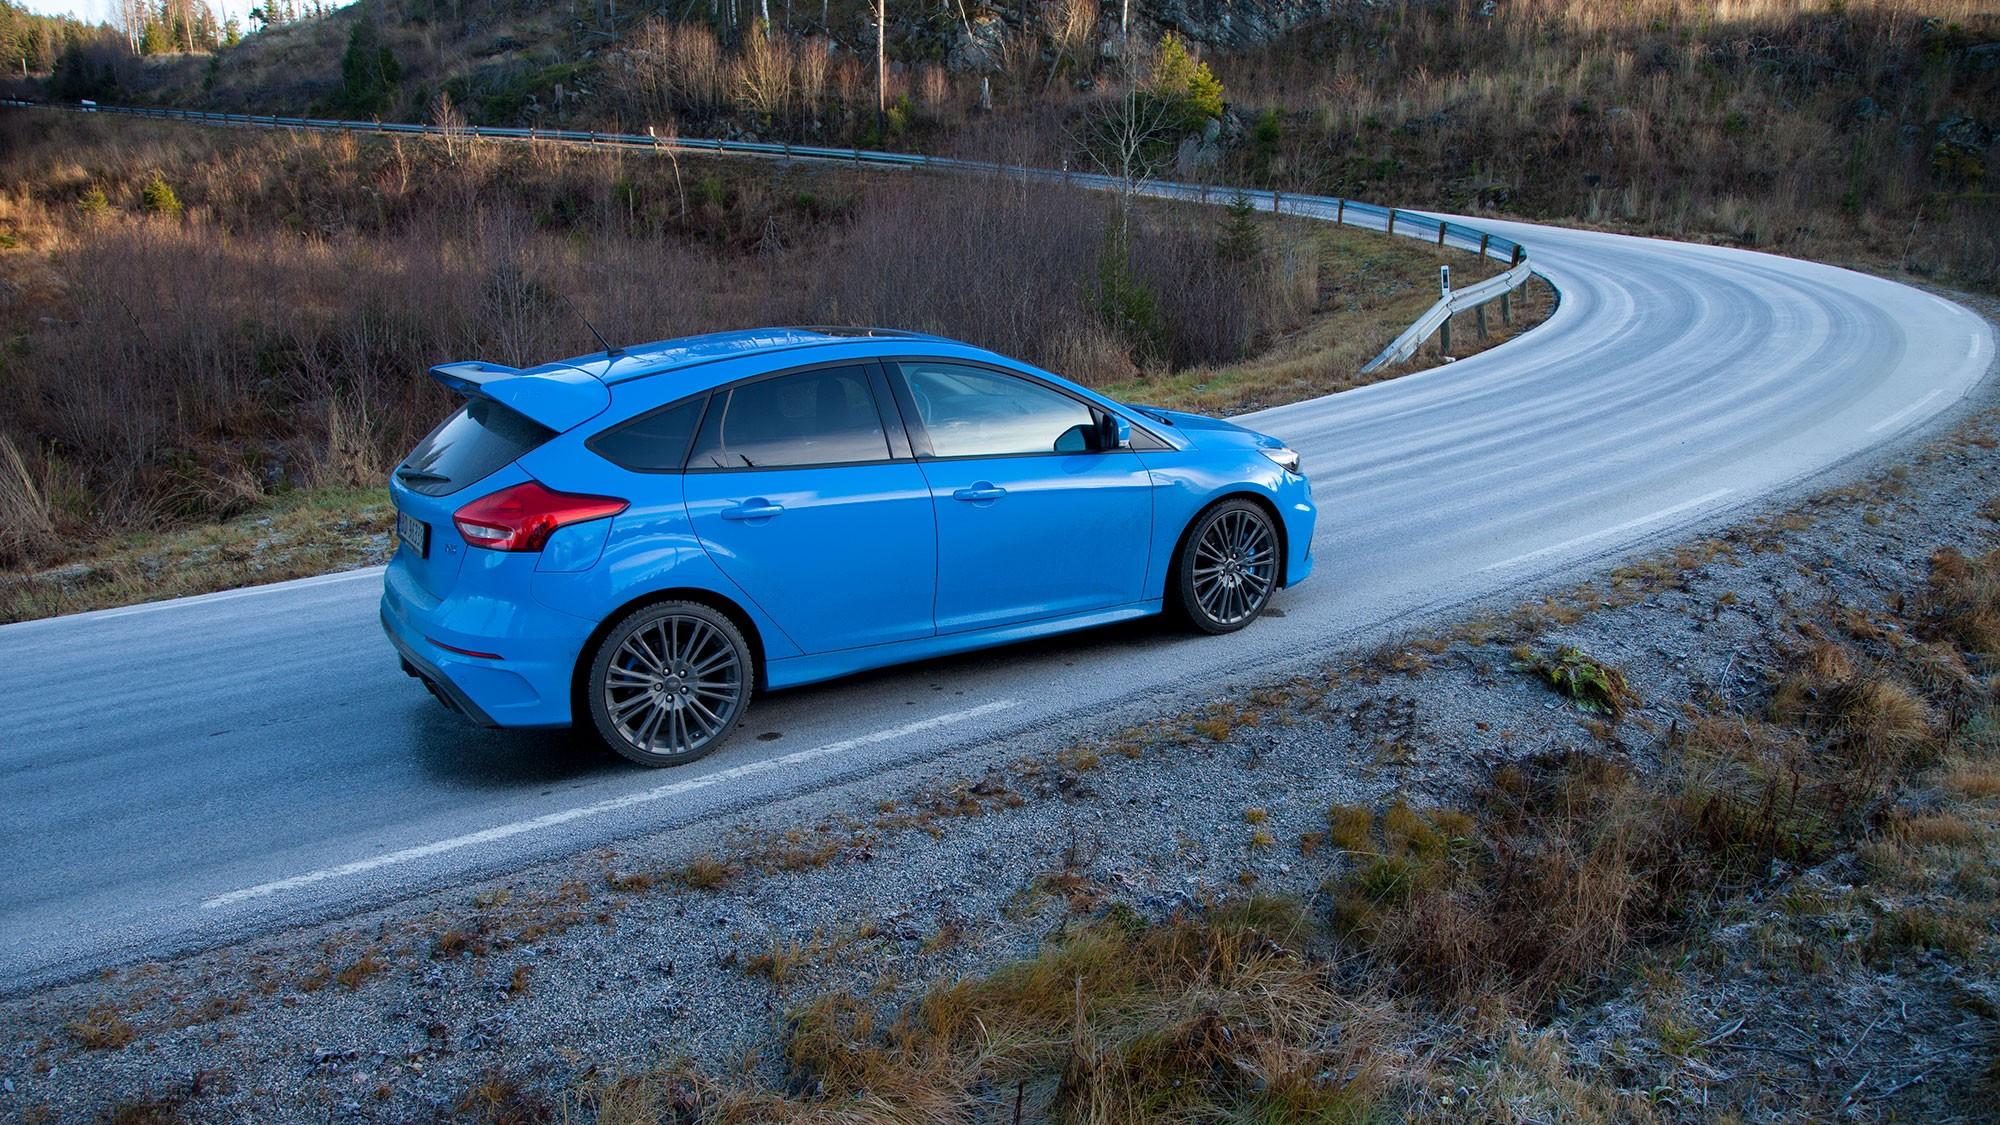 GLEDEGENERATOR: Jo mer svingete, og jo mer utfordrende - jo bedre er Focus RS.